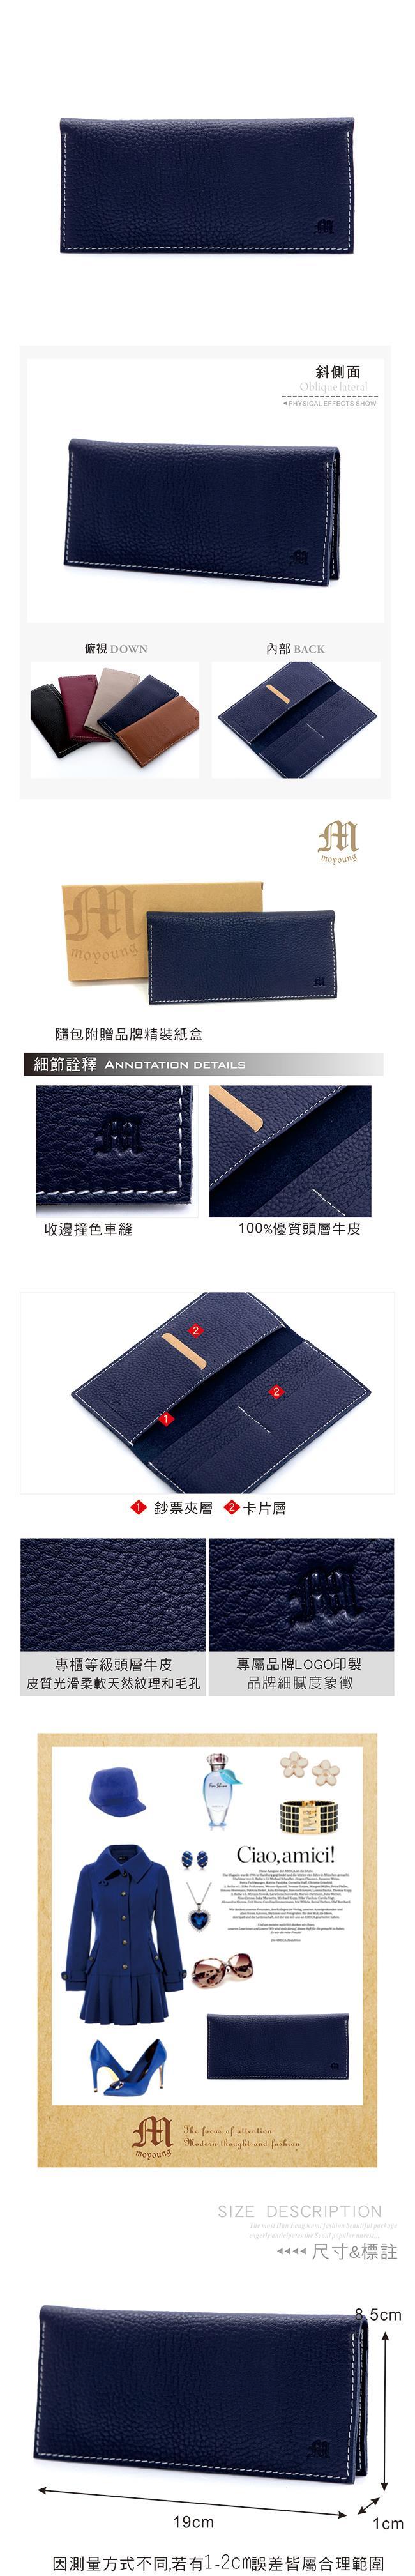 Moyoung 自然手感頭層牛皮長夾 皇家藍